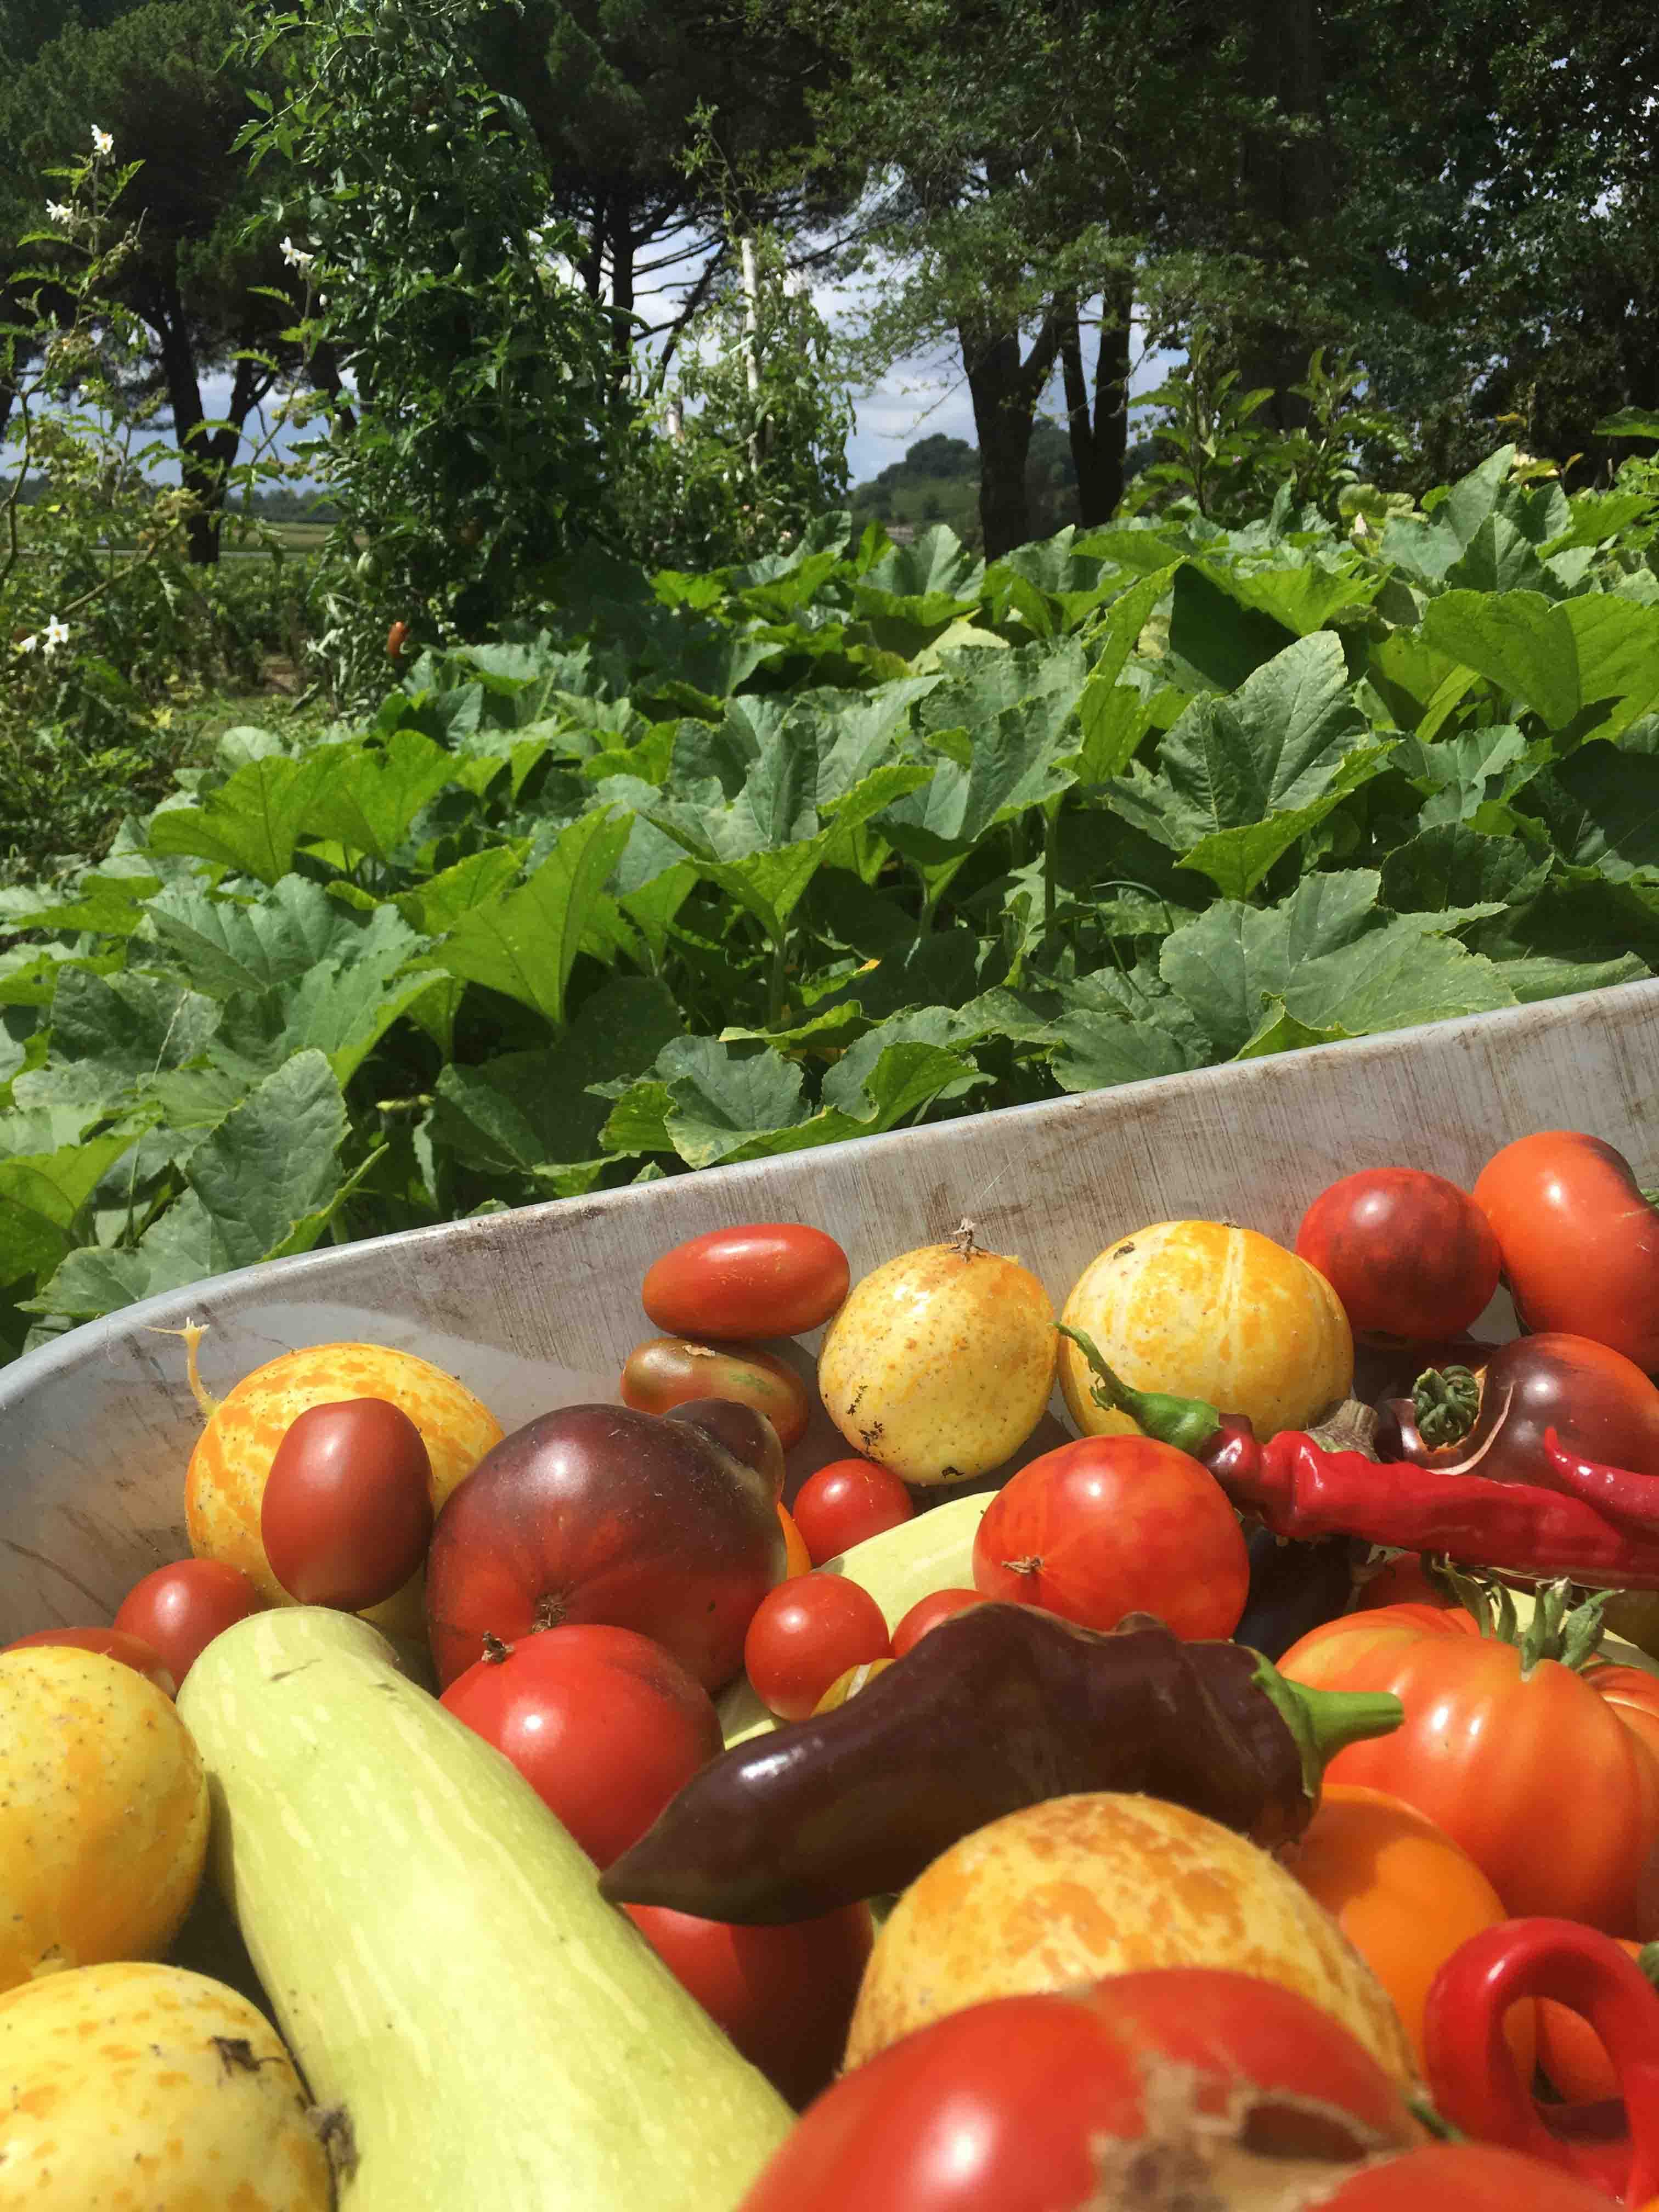 Oenotourisme côté jardin avec AKEBIA paysagiste jardin en permaculture légumes bio Château de la Dauphine Fronsac oenotourisme Green Tour Best of Wine Tourism